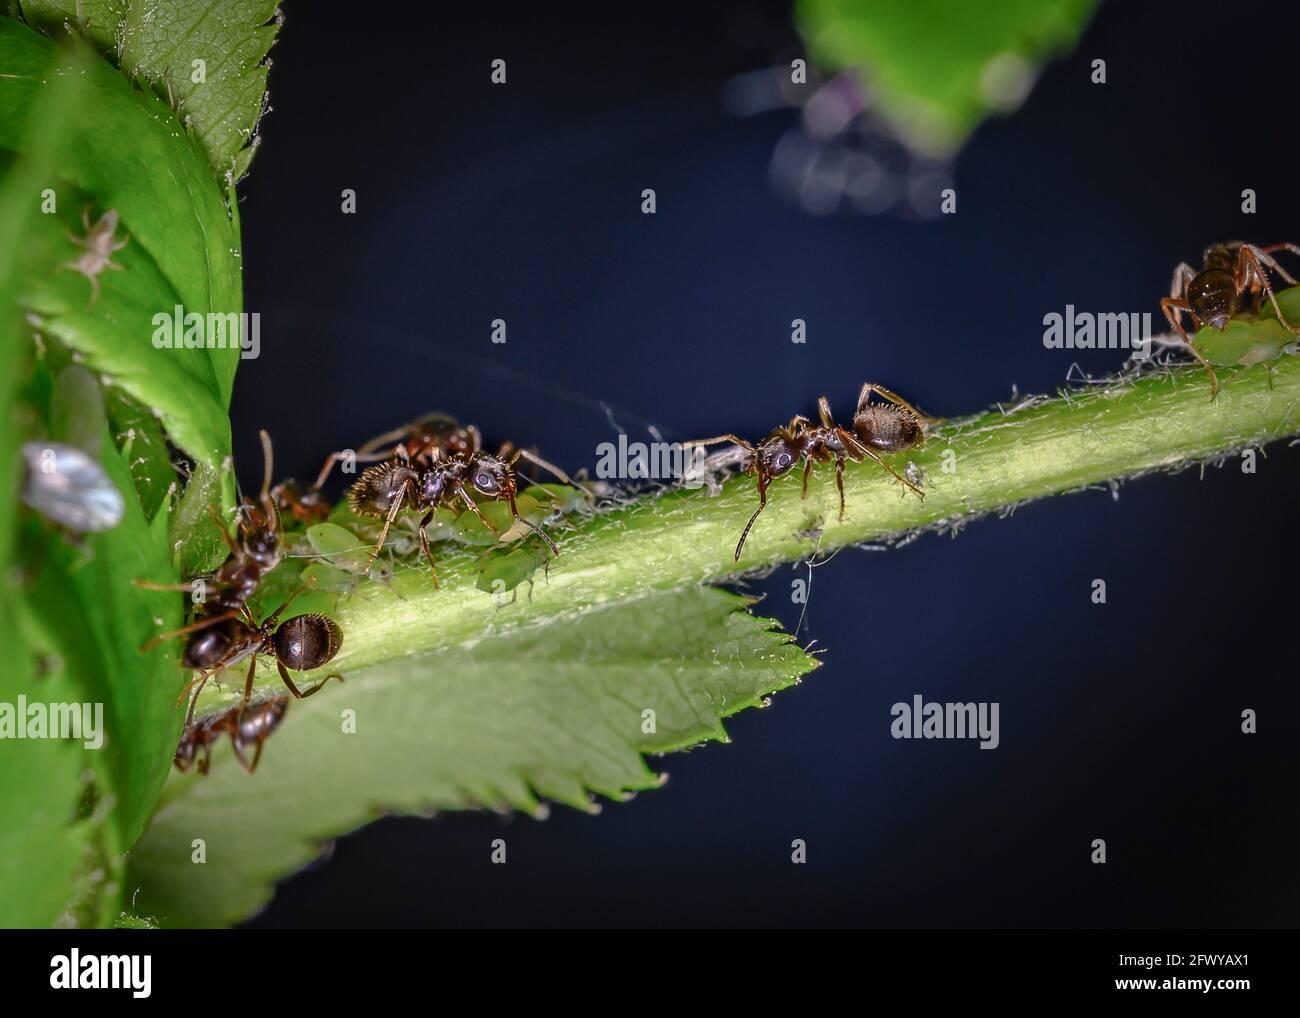 Ameisen kirschbaum am und blattläuse Blattläuse mit